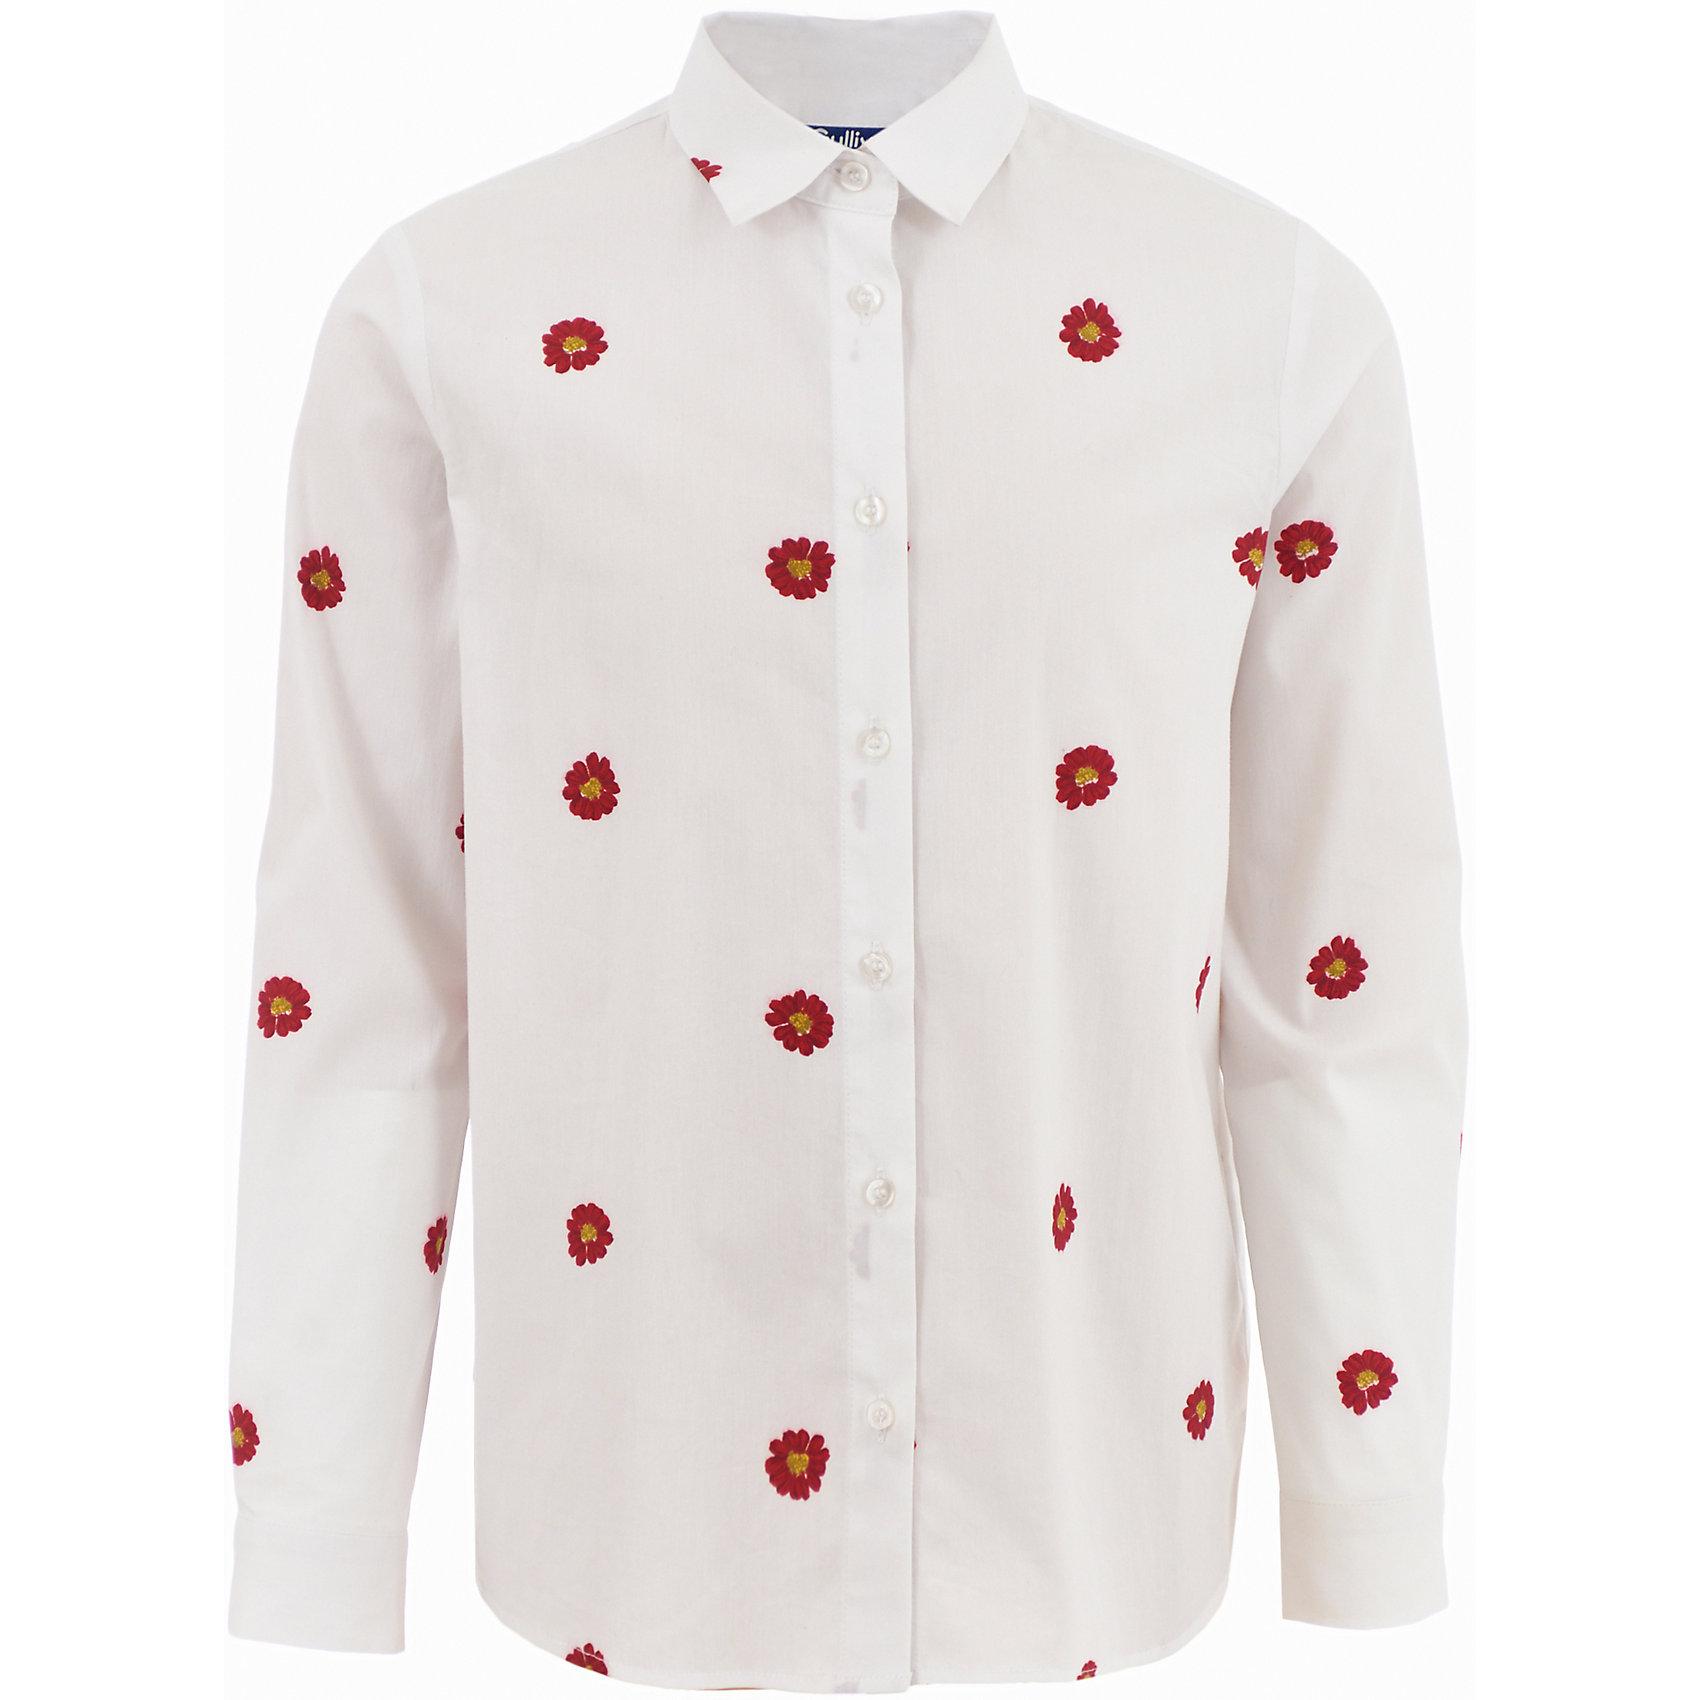 Блузка Gulliver для девочкиБлузки и рубашки<br>Блузка Gulliver для девочки<br>Трендовая вещь коллекции - объемная серая толстовка с яркими вышивками и аппликациями - не позволит пройти мимо. Великолепное качество трикотажного полотна, модный объем, силуэт, оформление с использованием сияющих пайеток - прекрасный микс для красоты и комфорта. Если вы хотите купить толстовку для девочки, но вам наскучили базовые вещи, толстовка из коллекции Коллаж вас не разочарует. Созданная в лучших традициях Gulliver, она создаст отличное настроение, подчеркнув обаяние и индивидуальность ребенка.<br>Состав:<br>100% хлопок<br><br>Ширина мм: 186<br>Глубина мм: 87<br>Высота мм: 198<br>Вес г: 197<br>Цвет: белый<br>Возраст от месяцев: 108<br>Возраст до месяцев: 120<br>Пол: Женский<br>Возраст: Детский<br>Размер: 140,122,128,134<br>SKU: 7076787